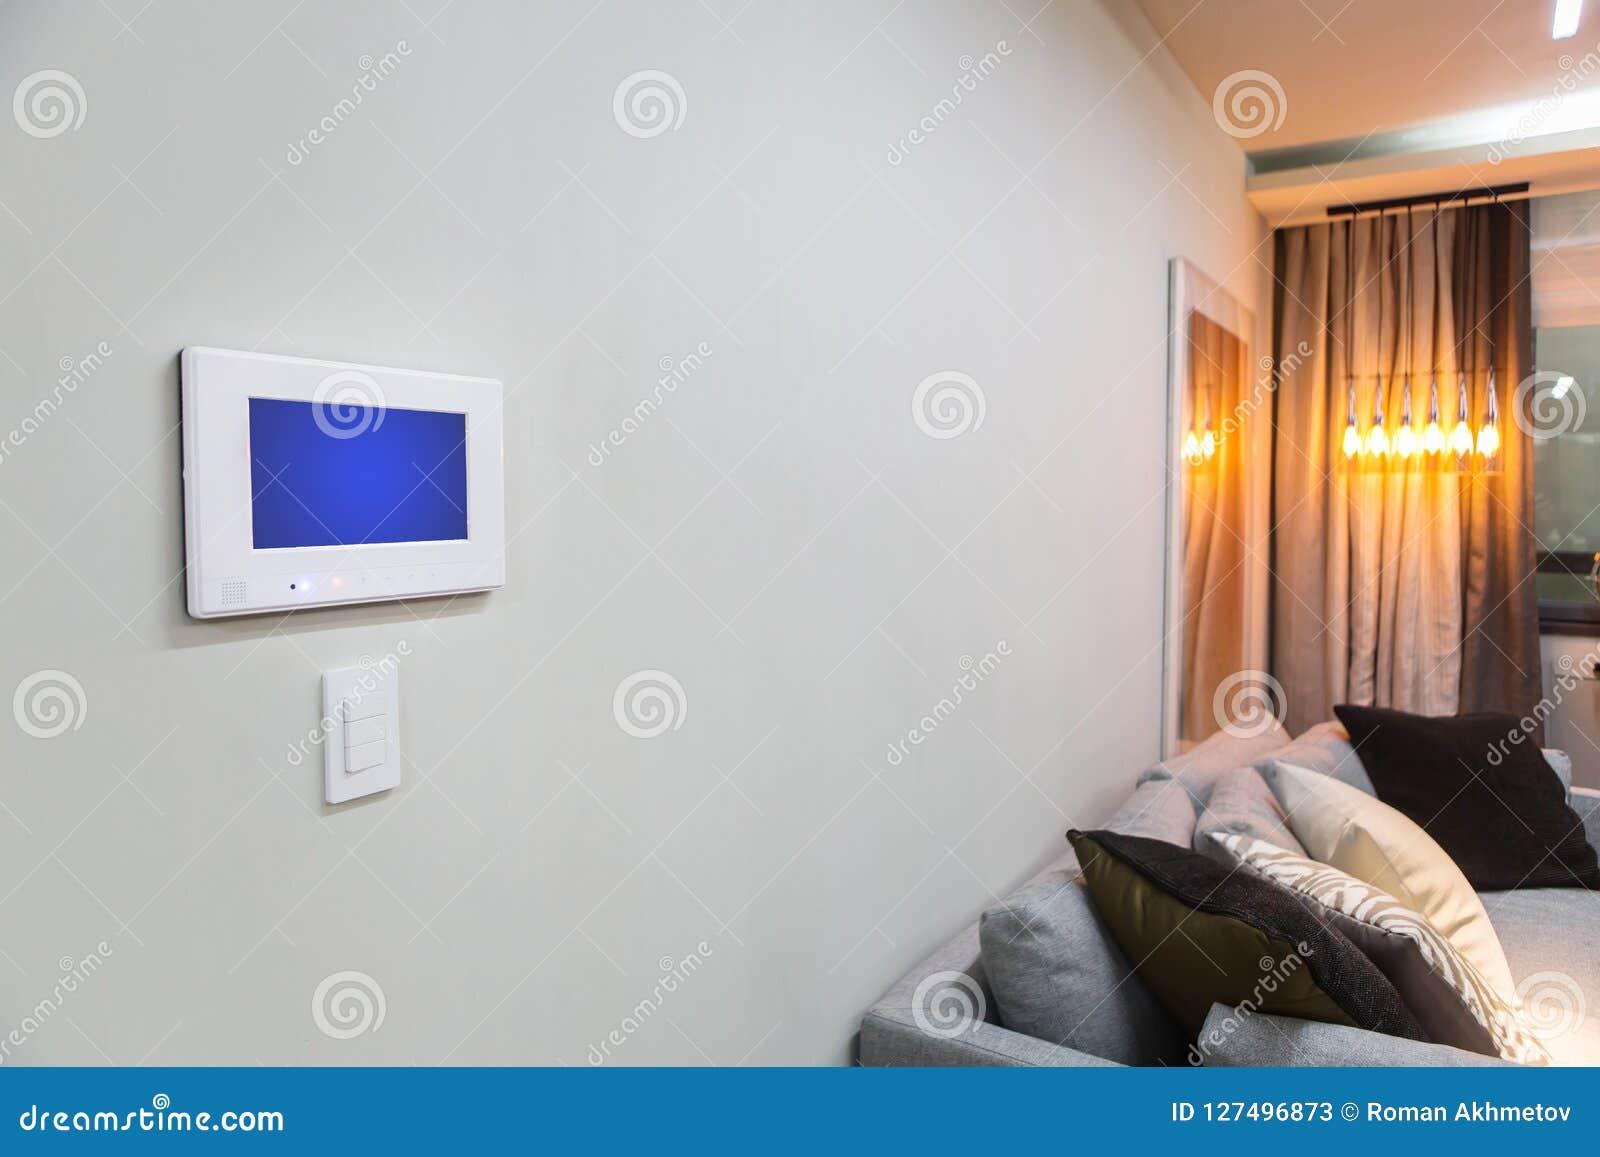 Interior del hogar con un ajuste casero elegante de la consola o del aire acondicionado de control - teledirigido